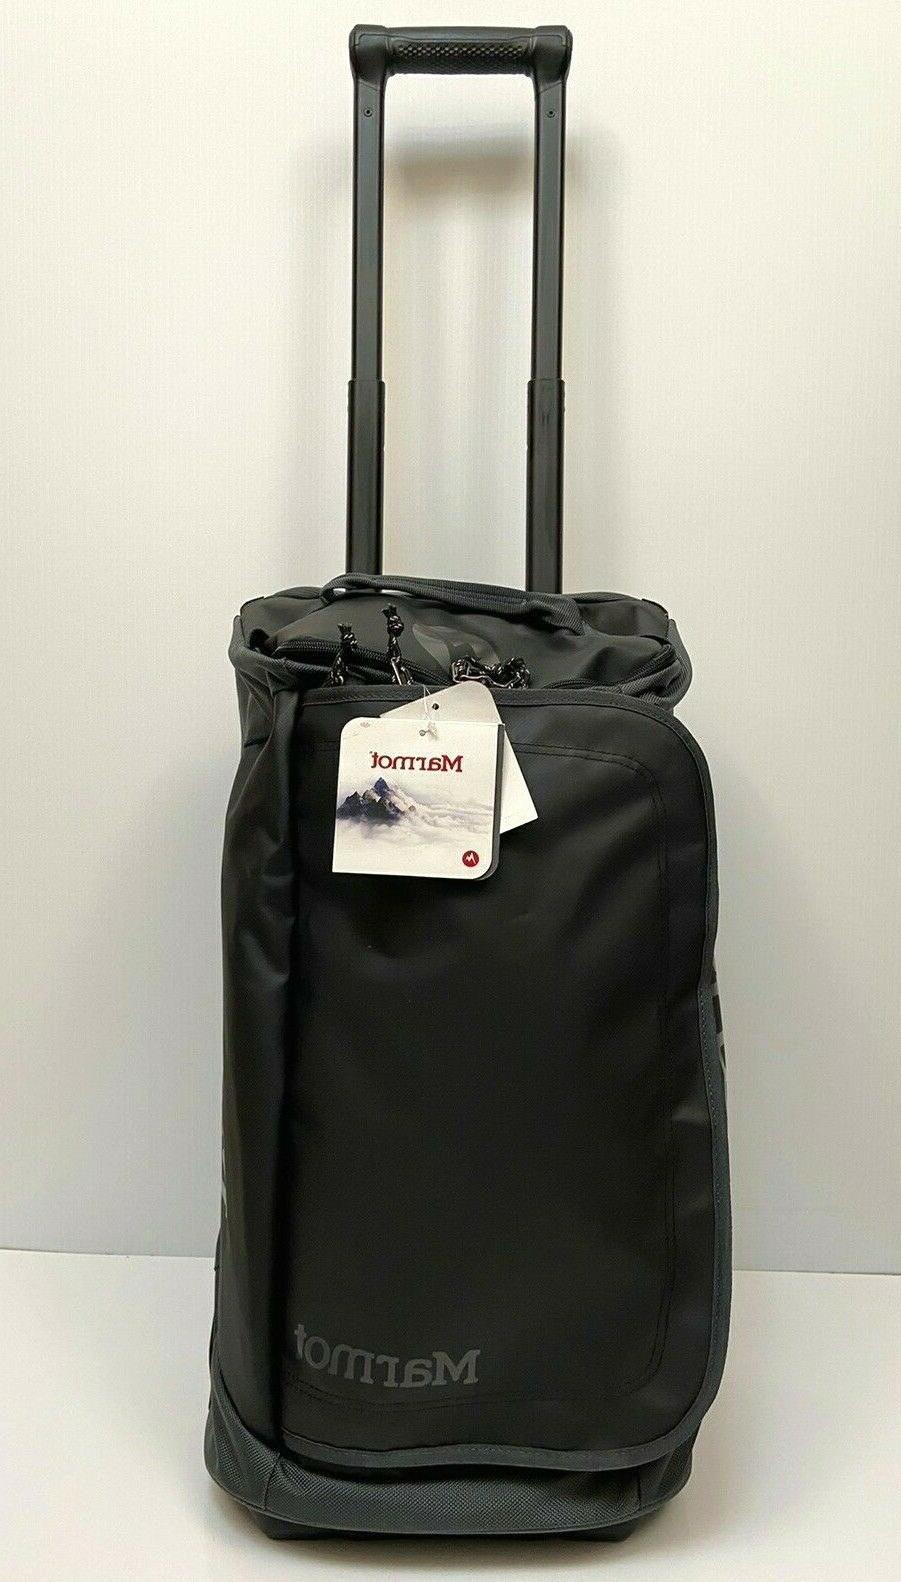 MARMOT Hauler On Duffle Luggage Bag Travel Suitcase 40L